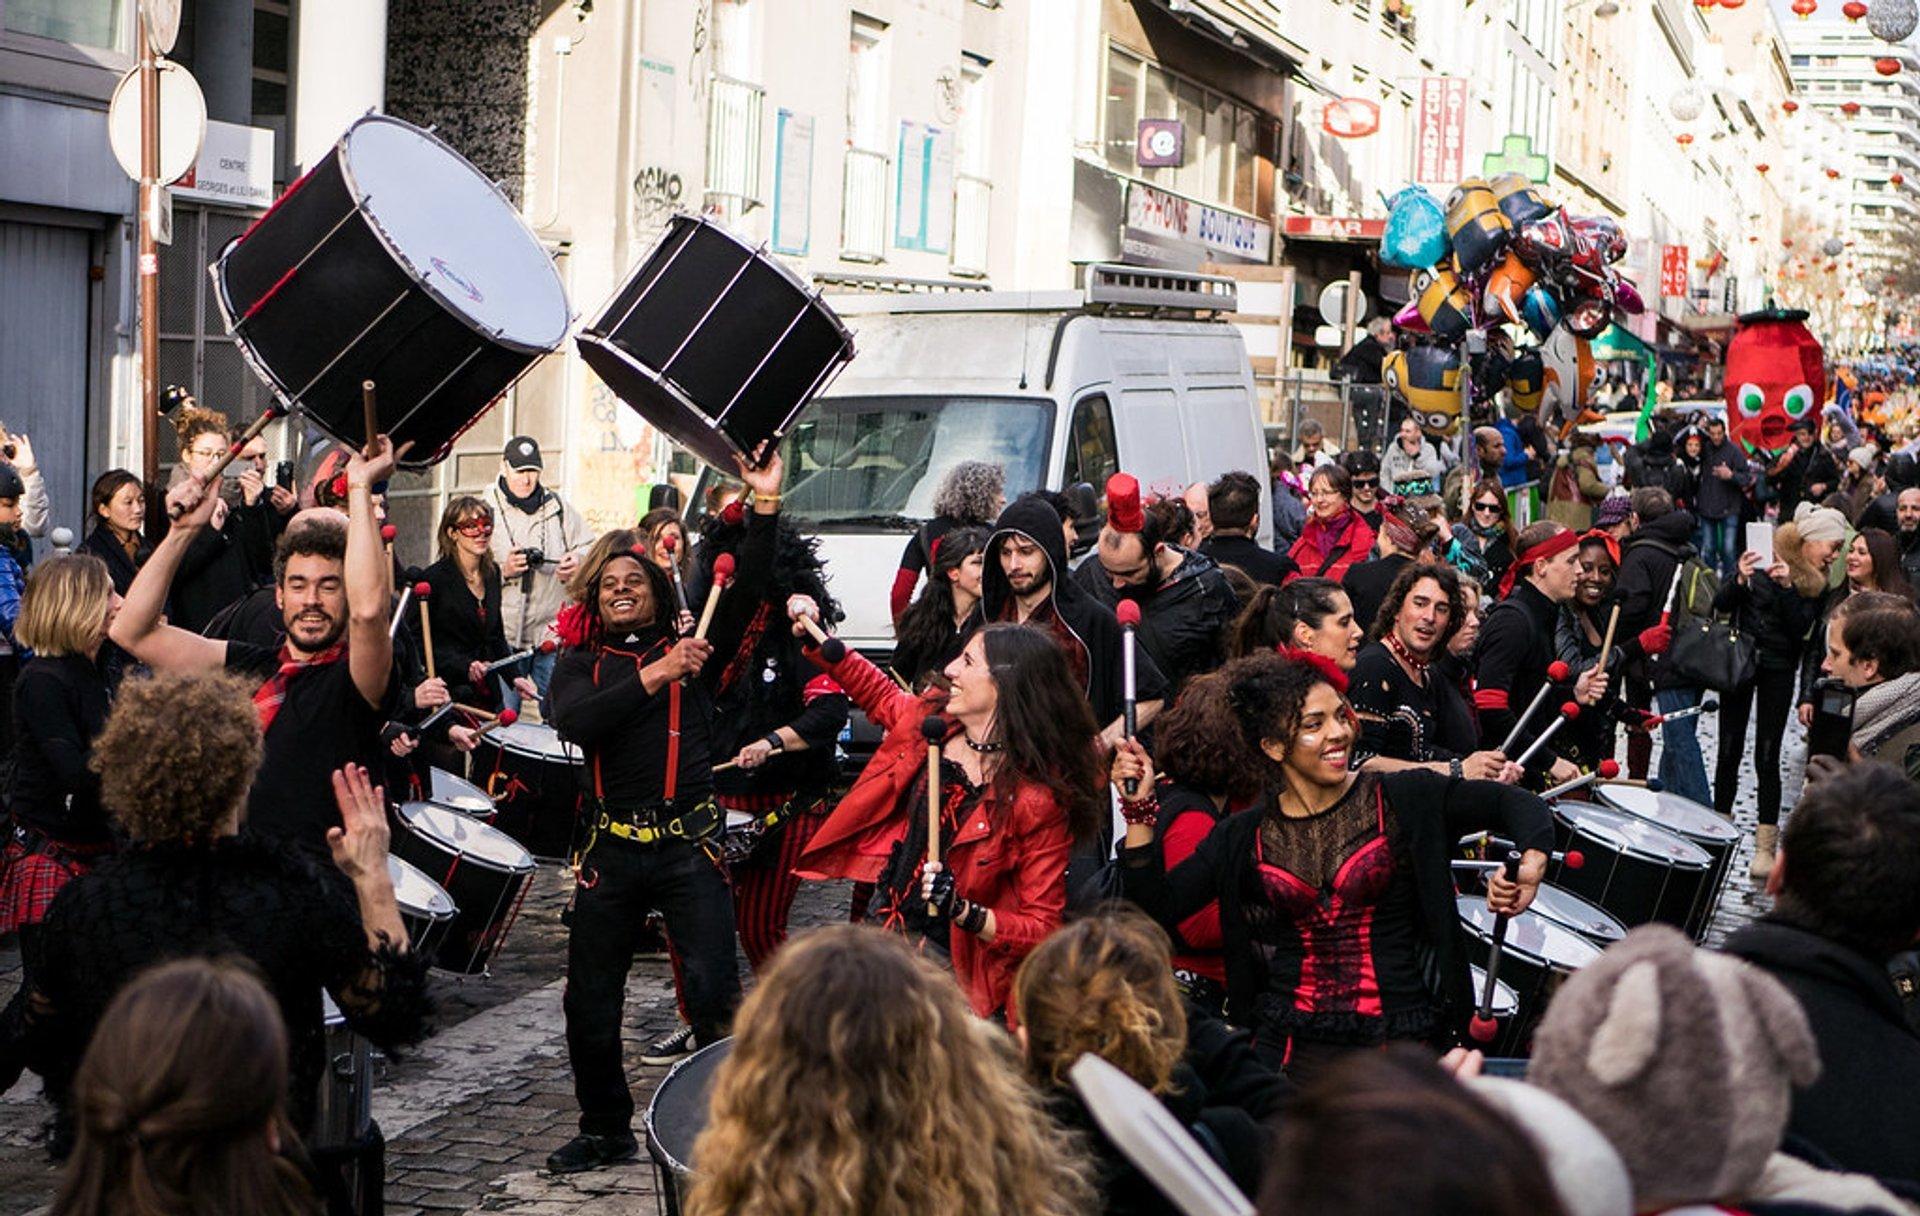 Carnaval de Paris & Carnaval des Femmes in Paris 2020 - Best Time